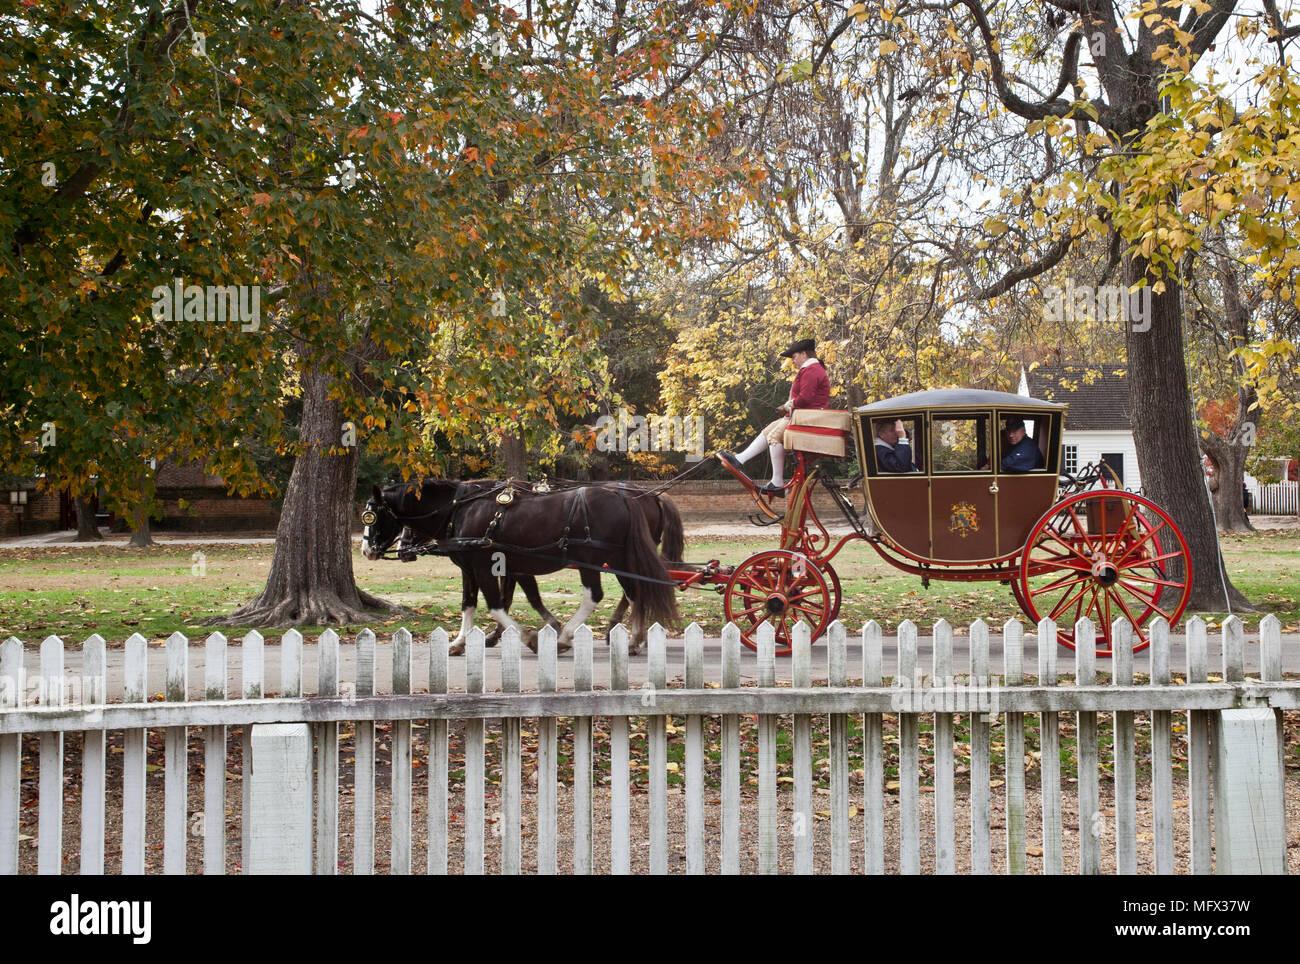 Un cavallo disegnato ripristino carrello e lentamente il driver fanno la loro strada verso il basso N. Queen St. in Williamsburg Coloniale con la Picket Fence in primo piano Immagini Stock